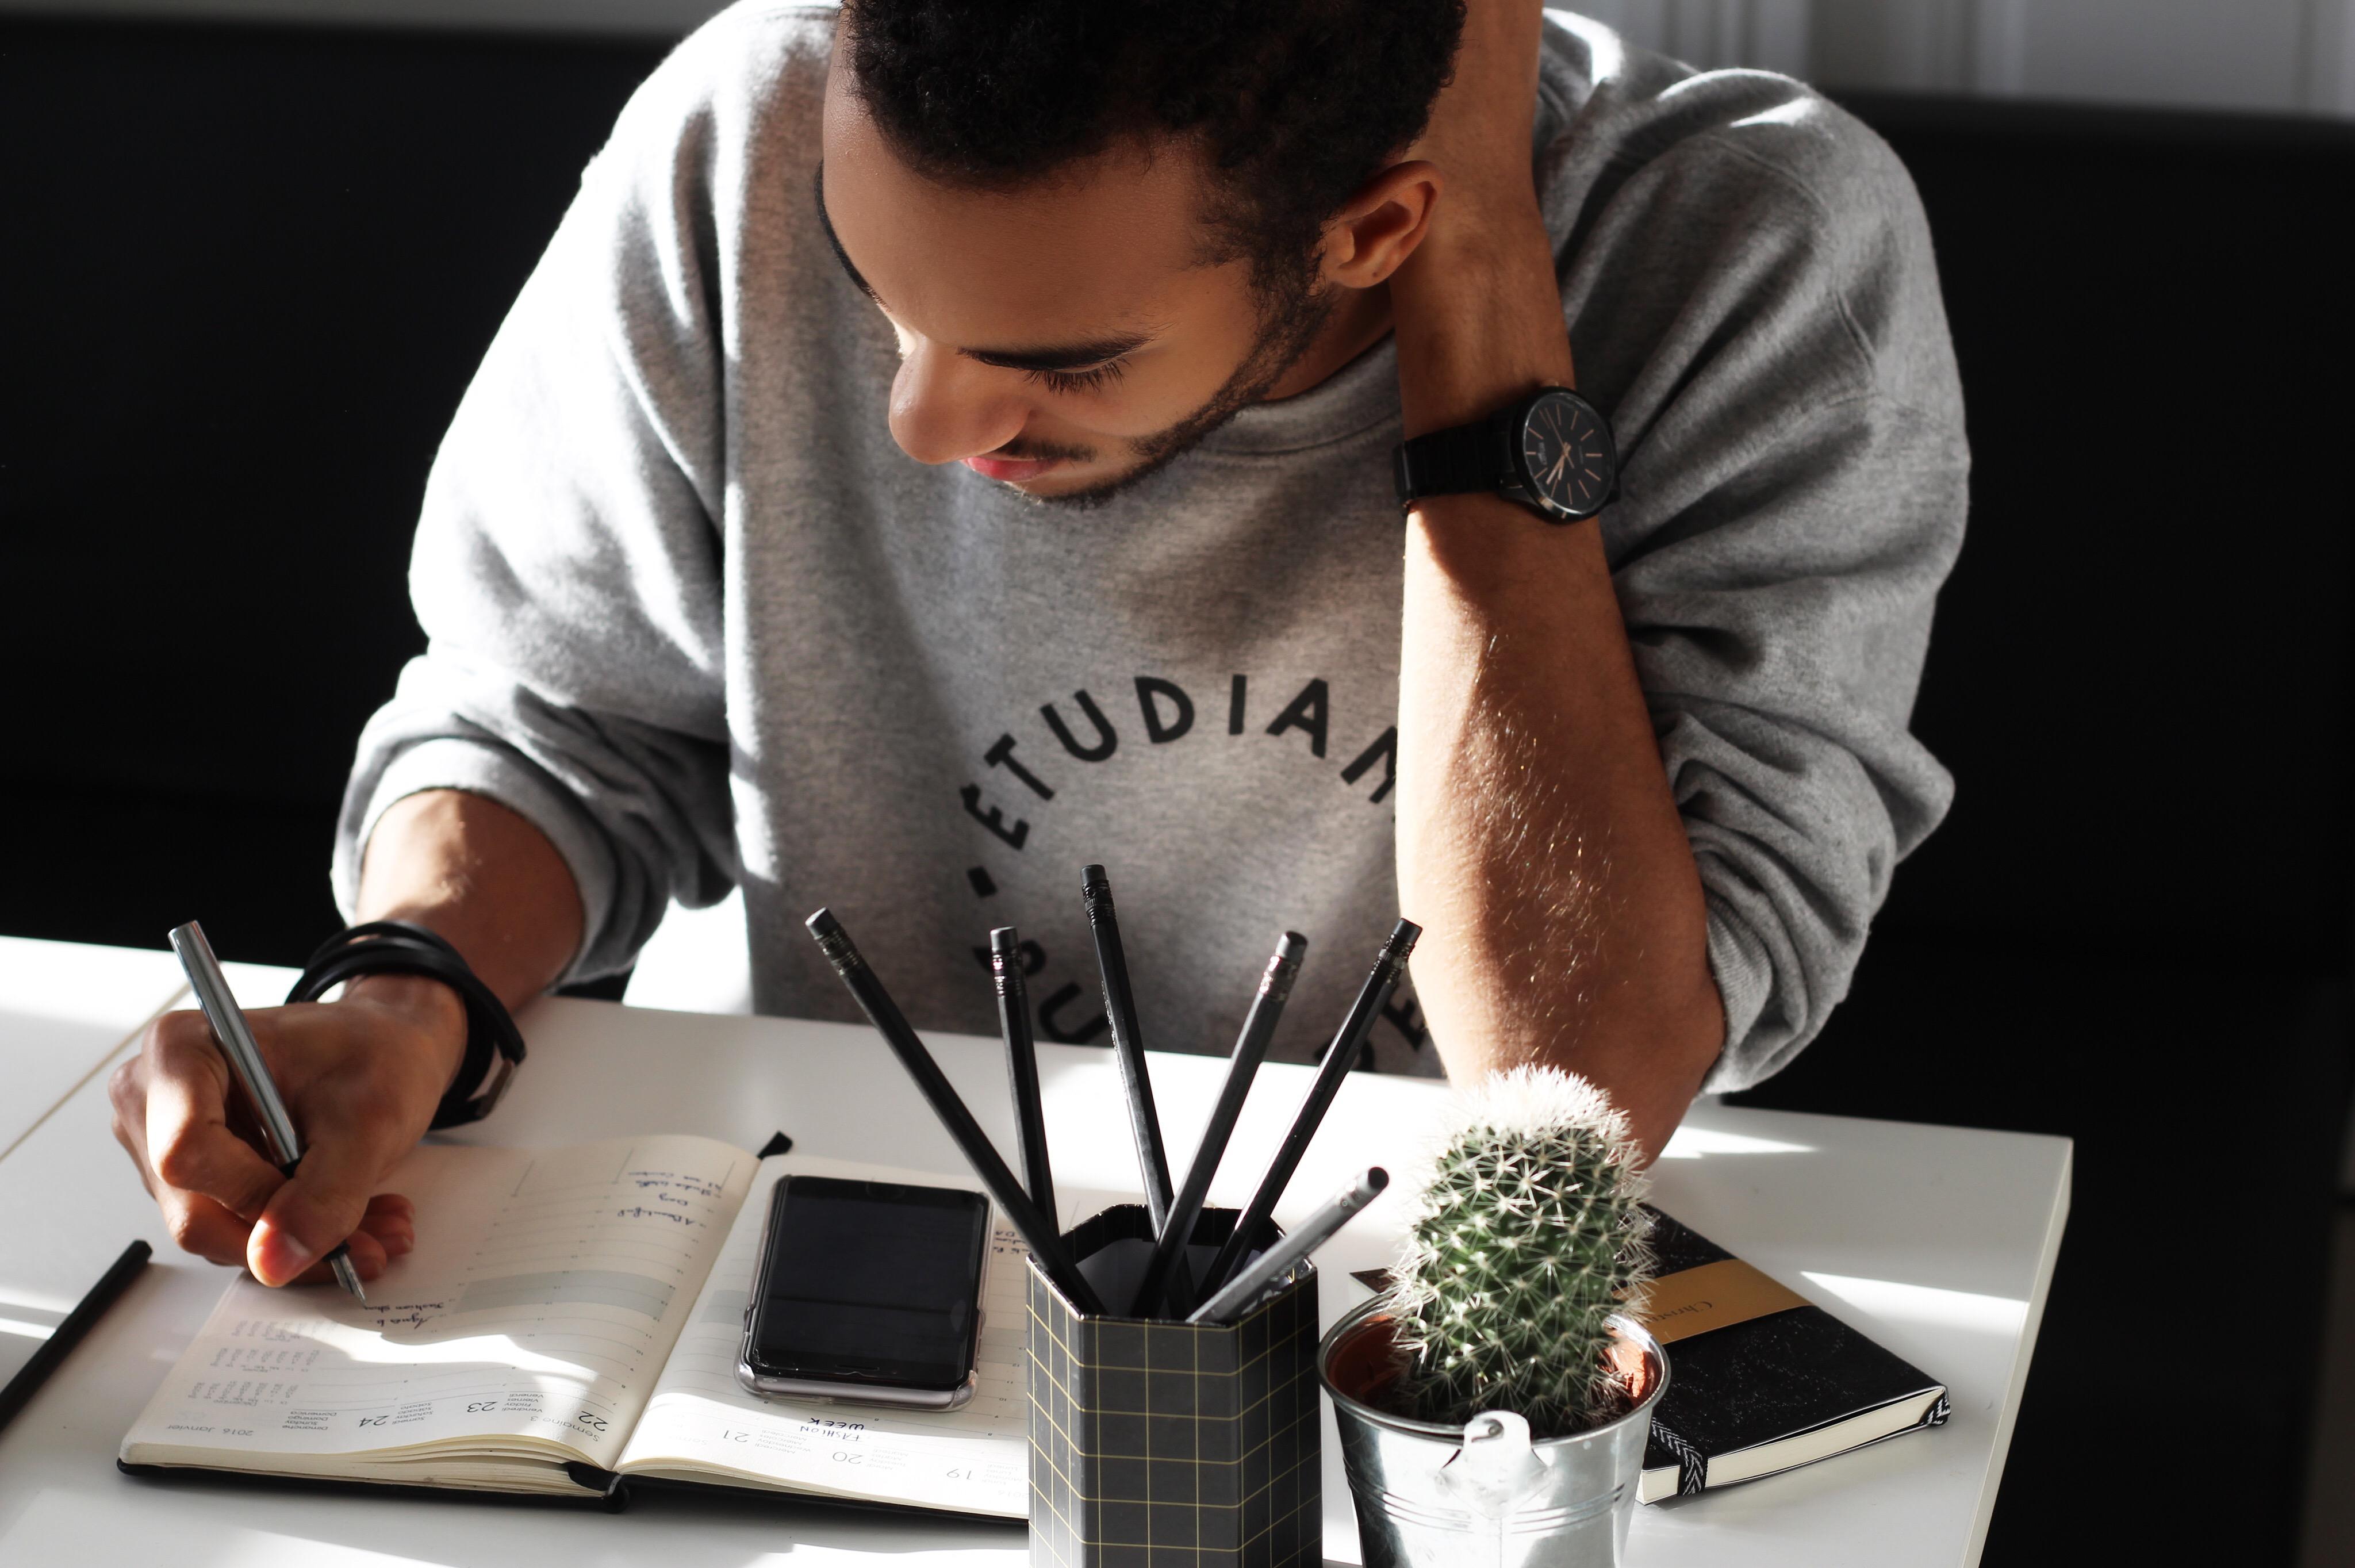 mrfoures-comfy-cosy-look-man-blogger-influencer-blog-mode-homme-blogueur-homme-organisation-travail-comment-être-organisé-méthode-de-travail-optimiser-son-temps